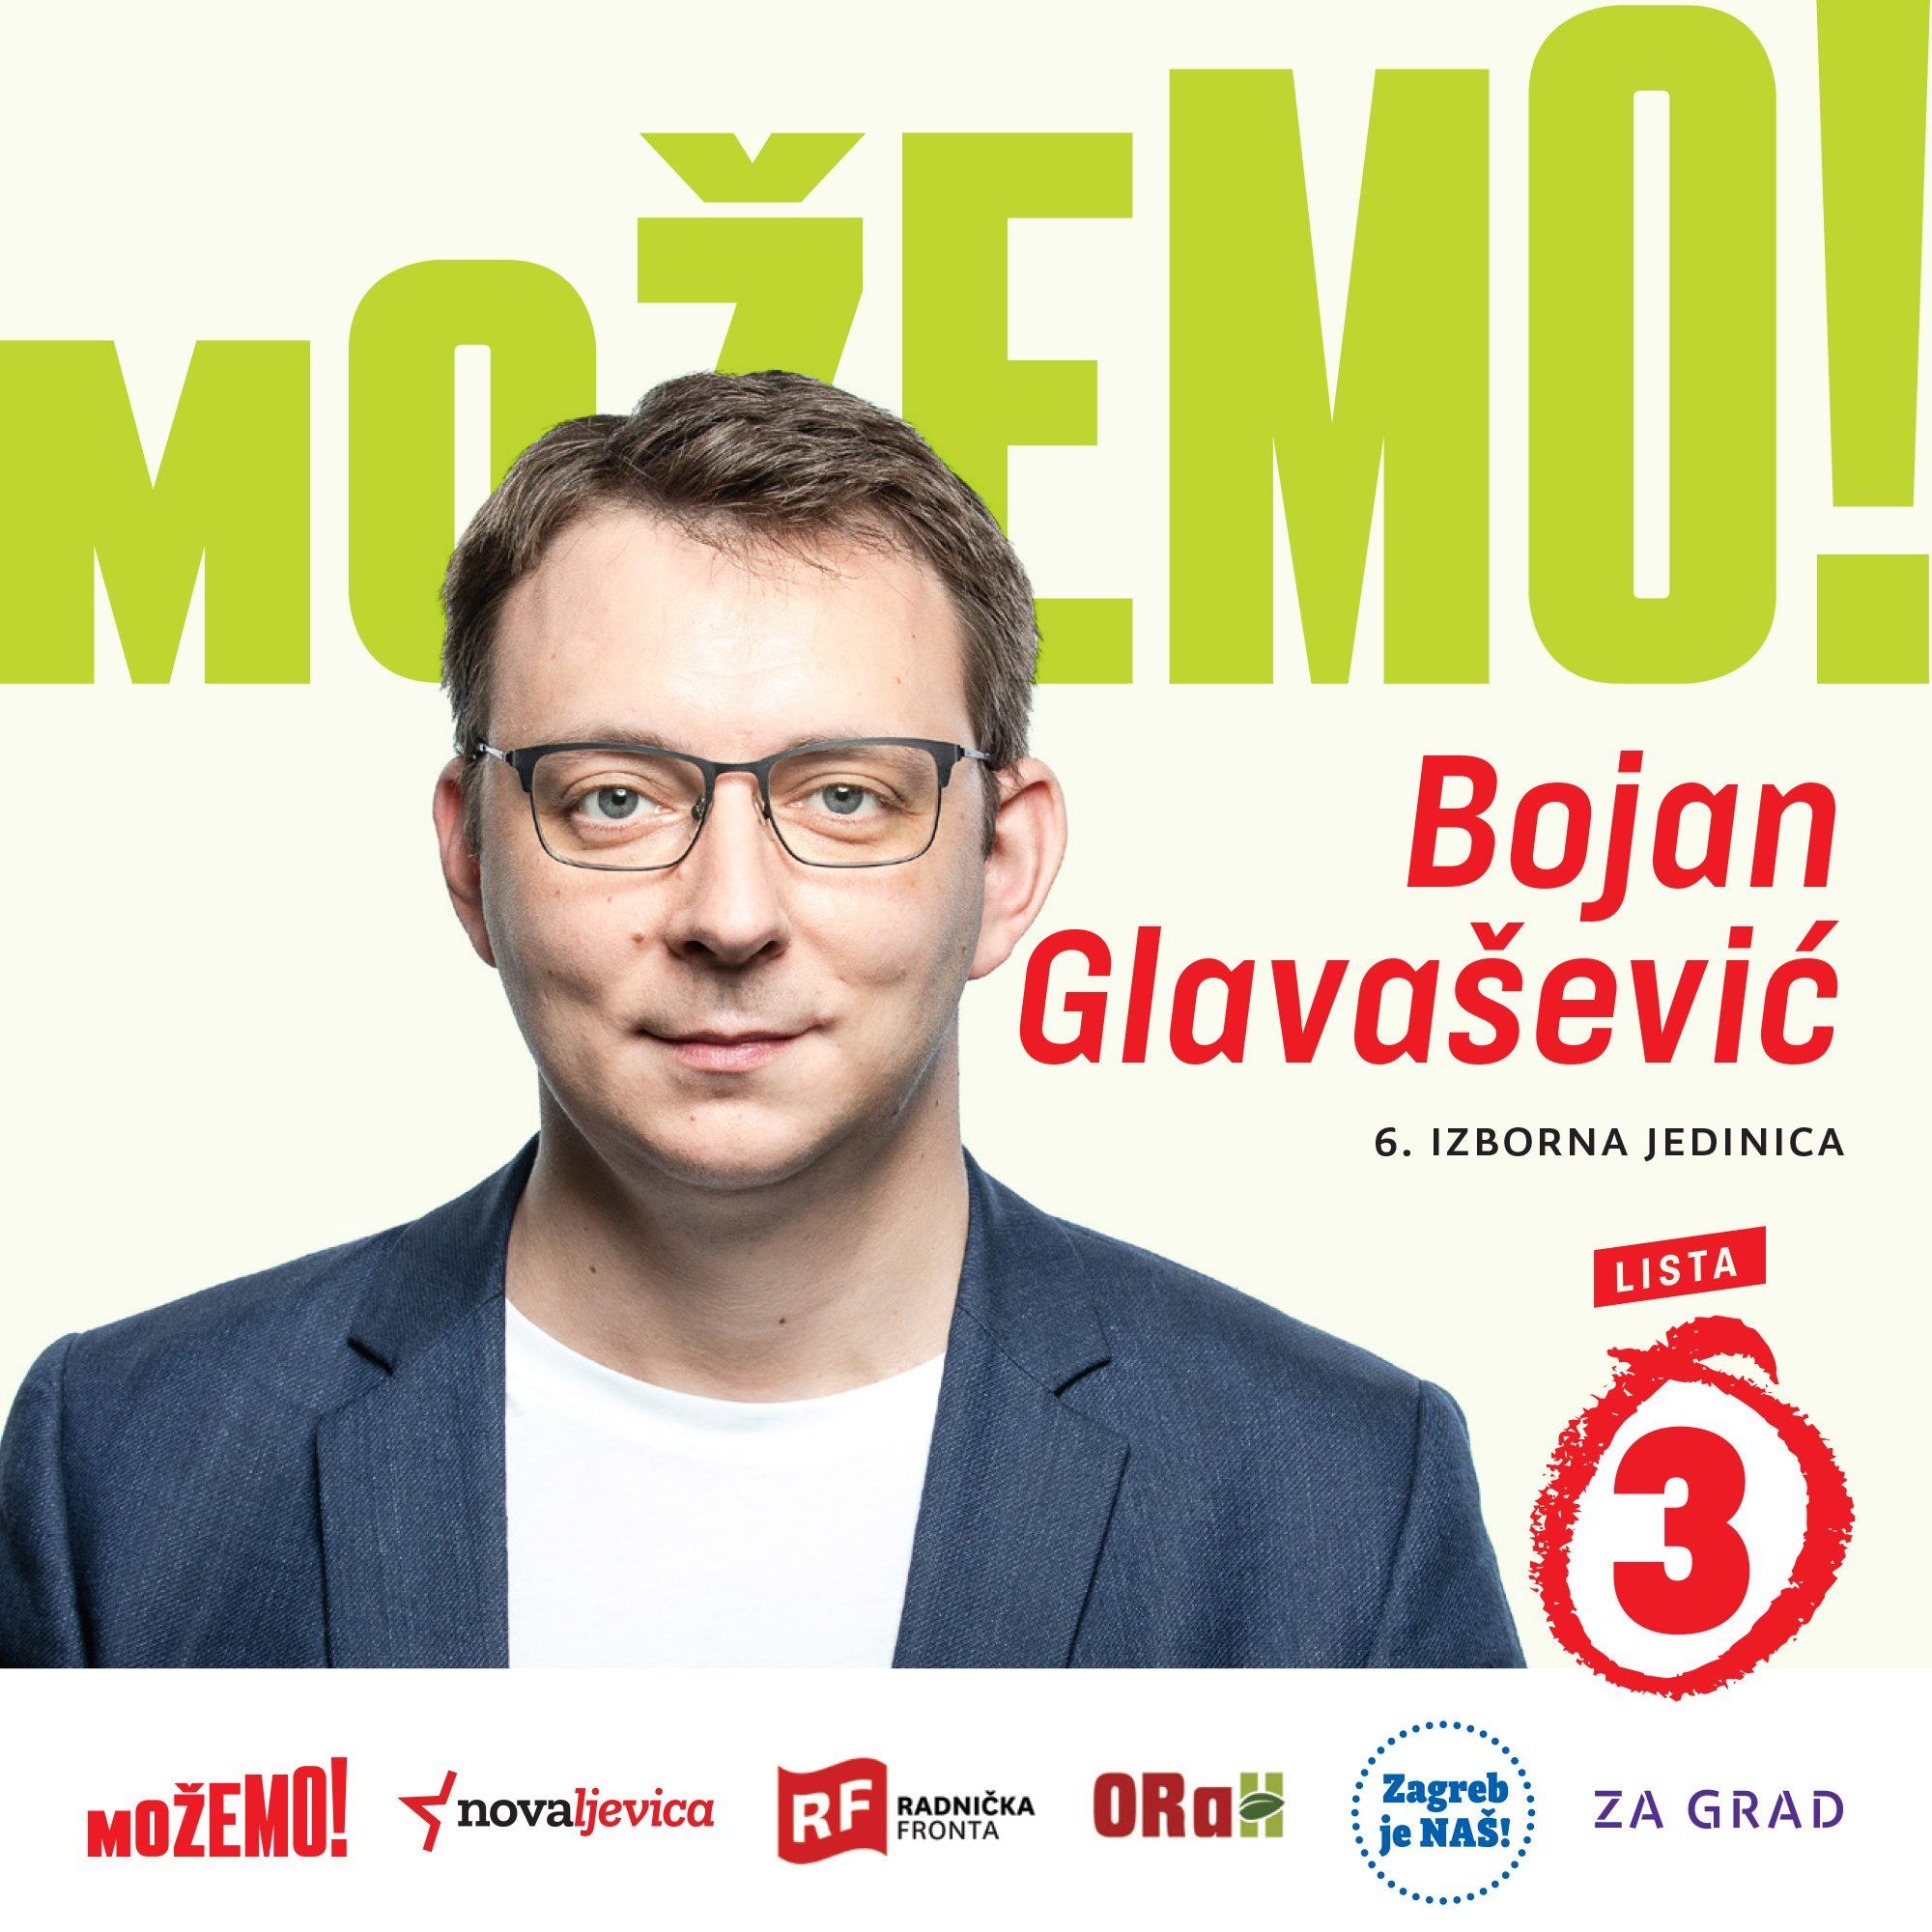 Predstavljamo Bojana Glavaševića